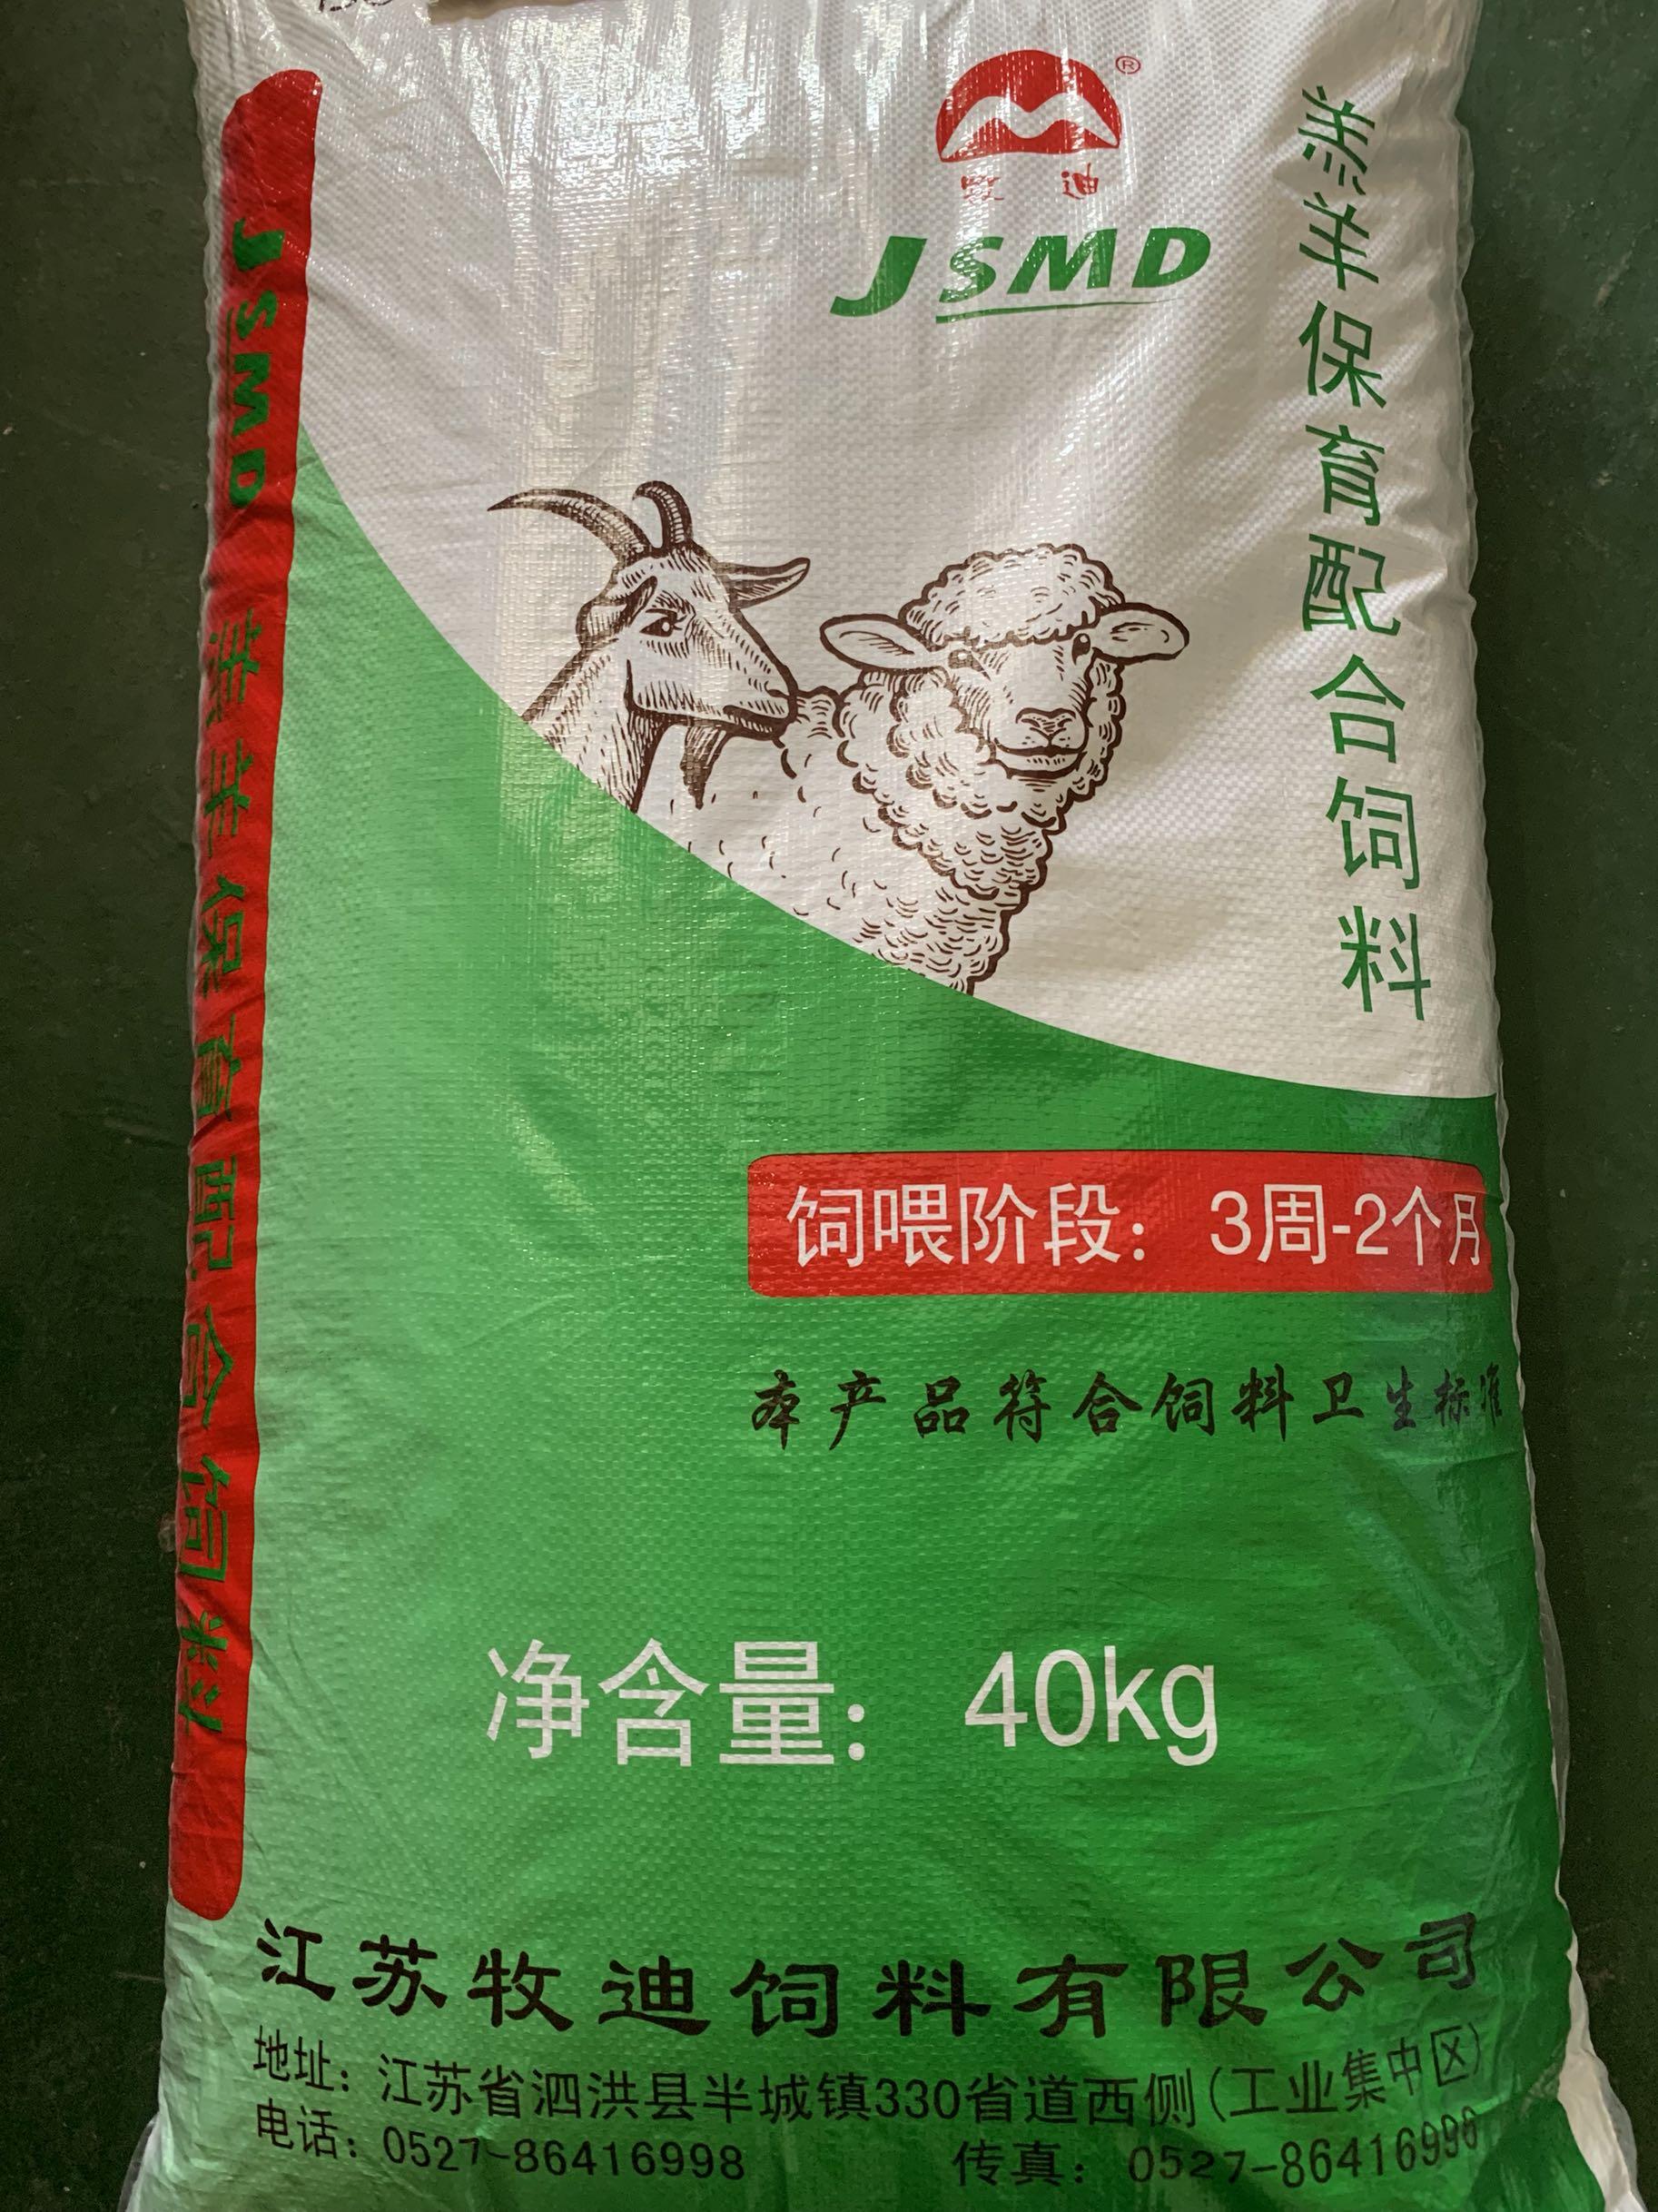 江蘇牧迪7810 F子羊保育と配合された飼料の規格品がよく売れています。